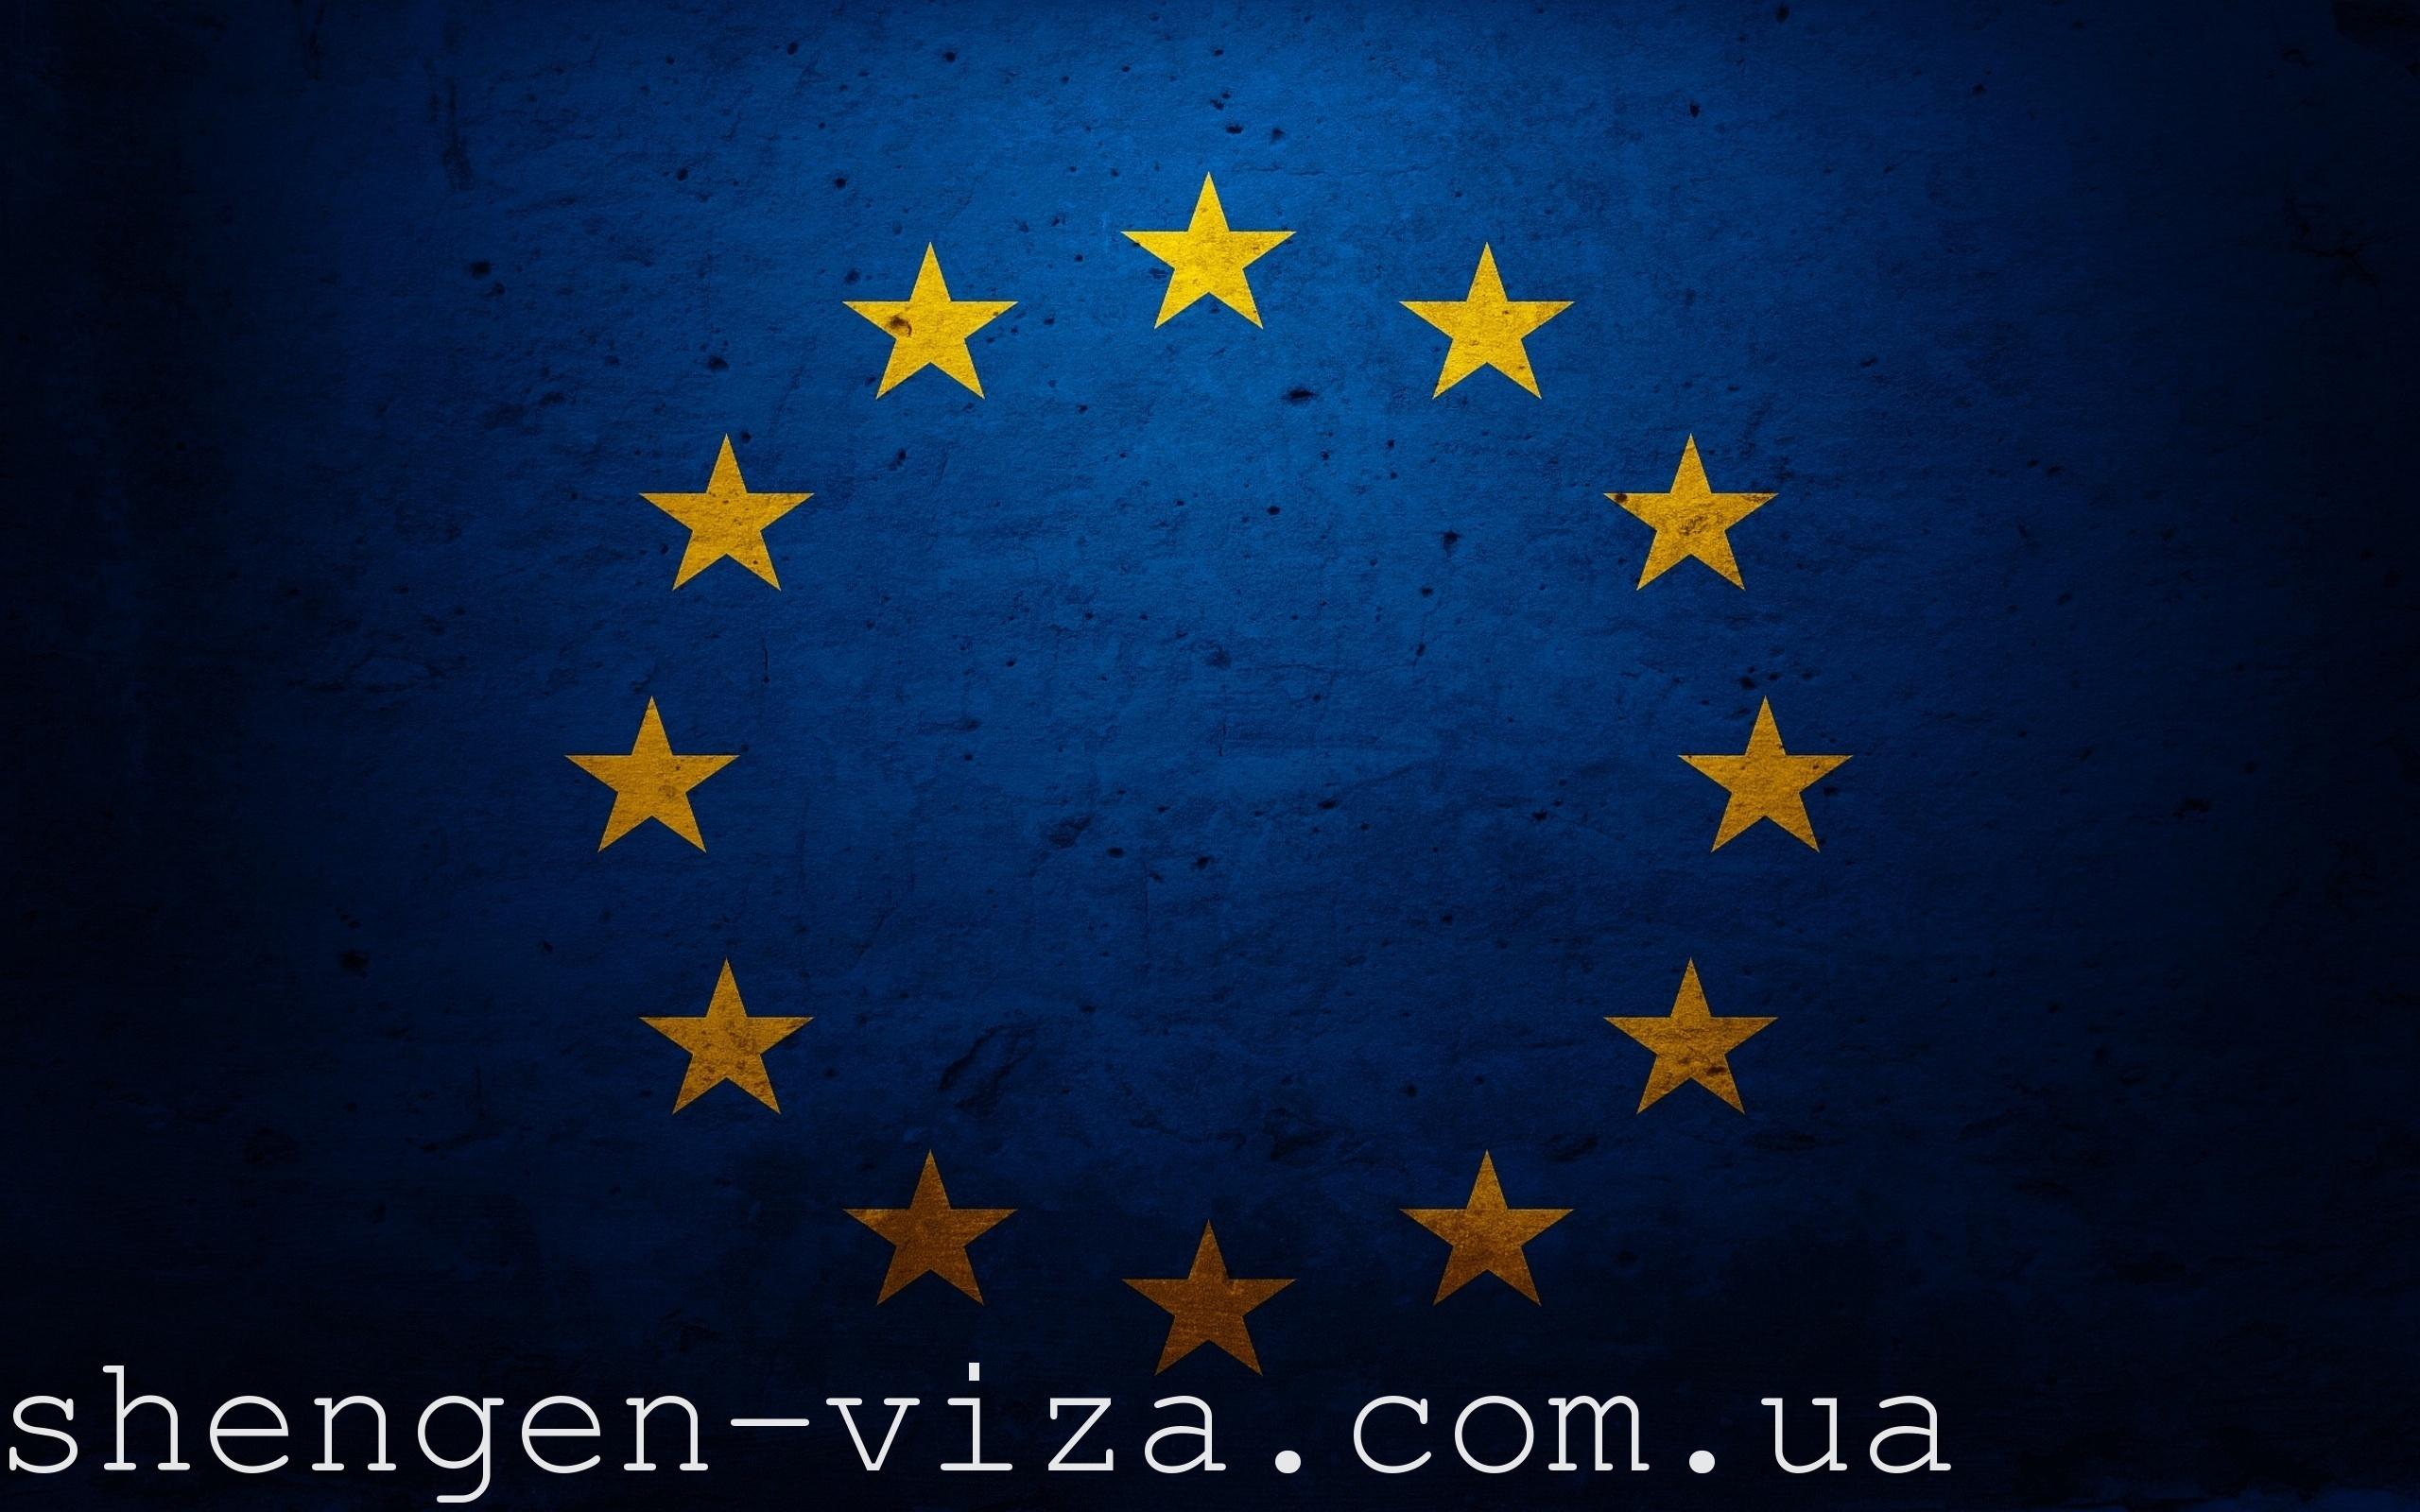 Європа не боїться: українські мігранти не лякають країни ЄС